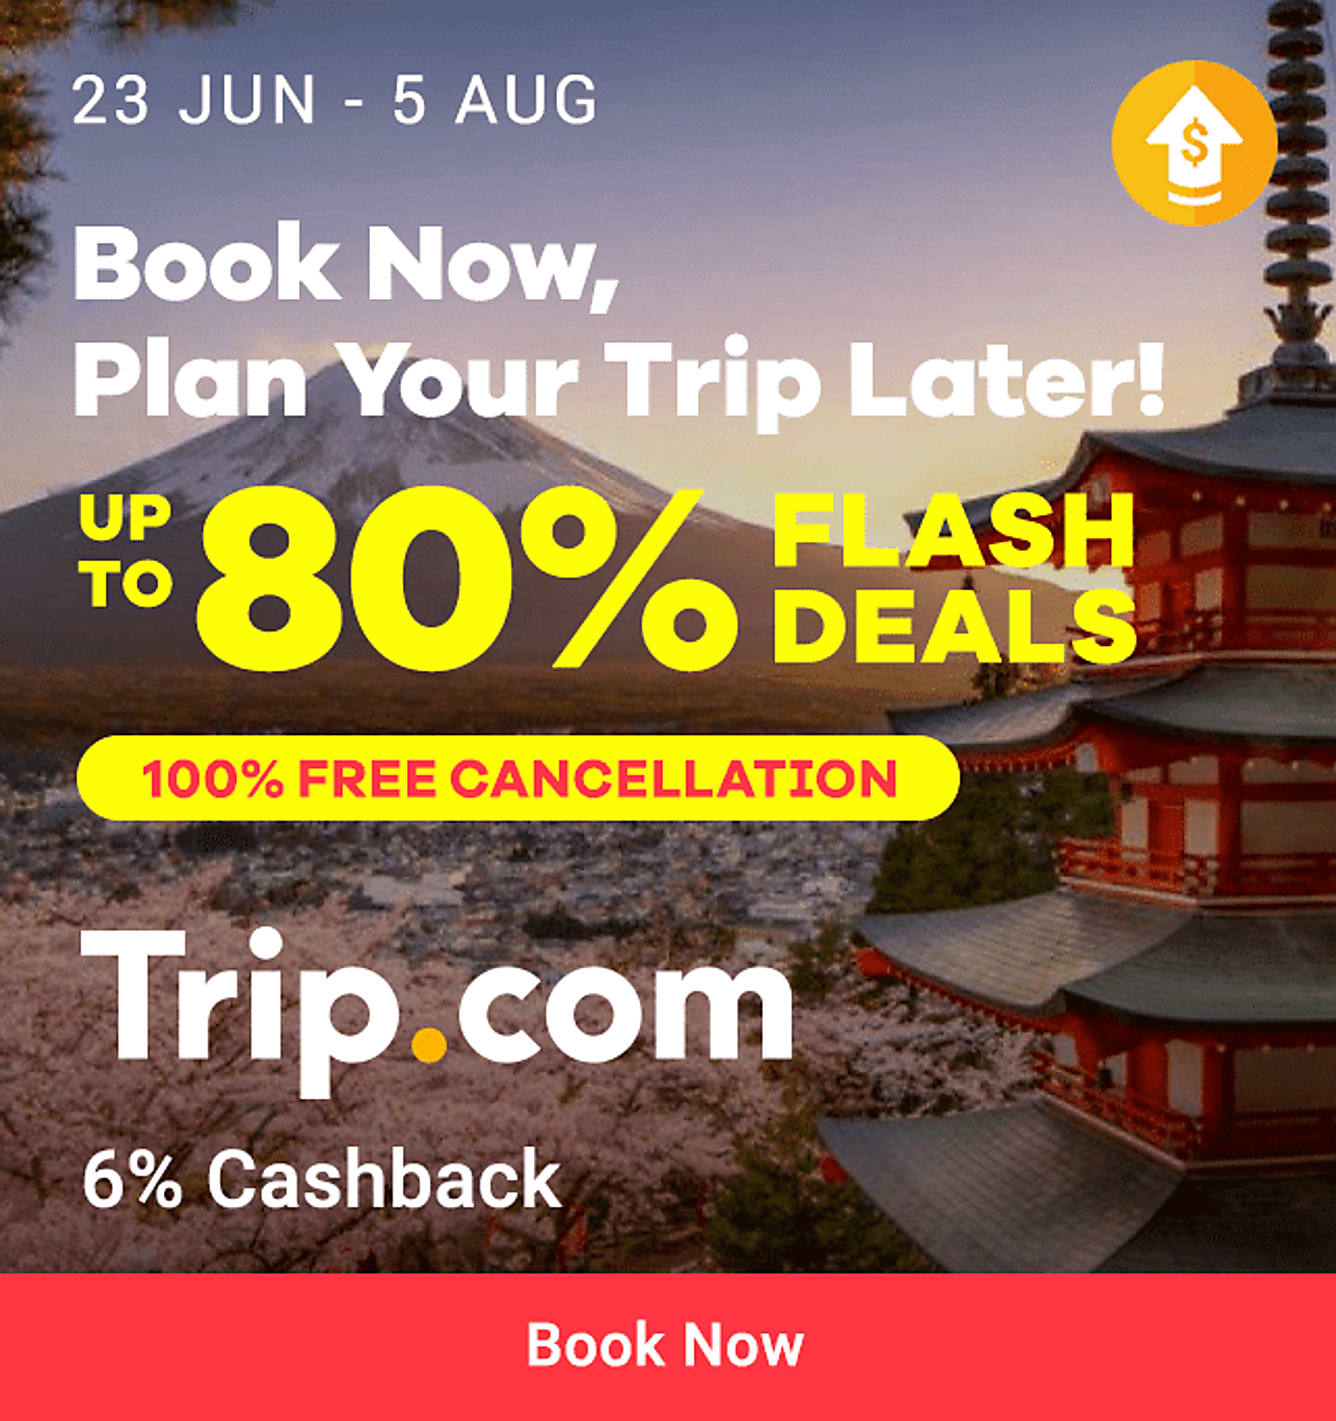 trip.com flash